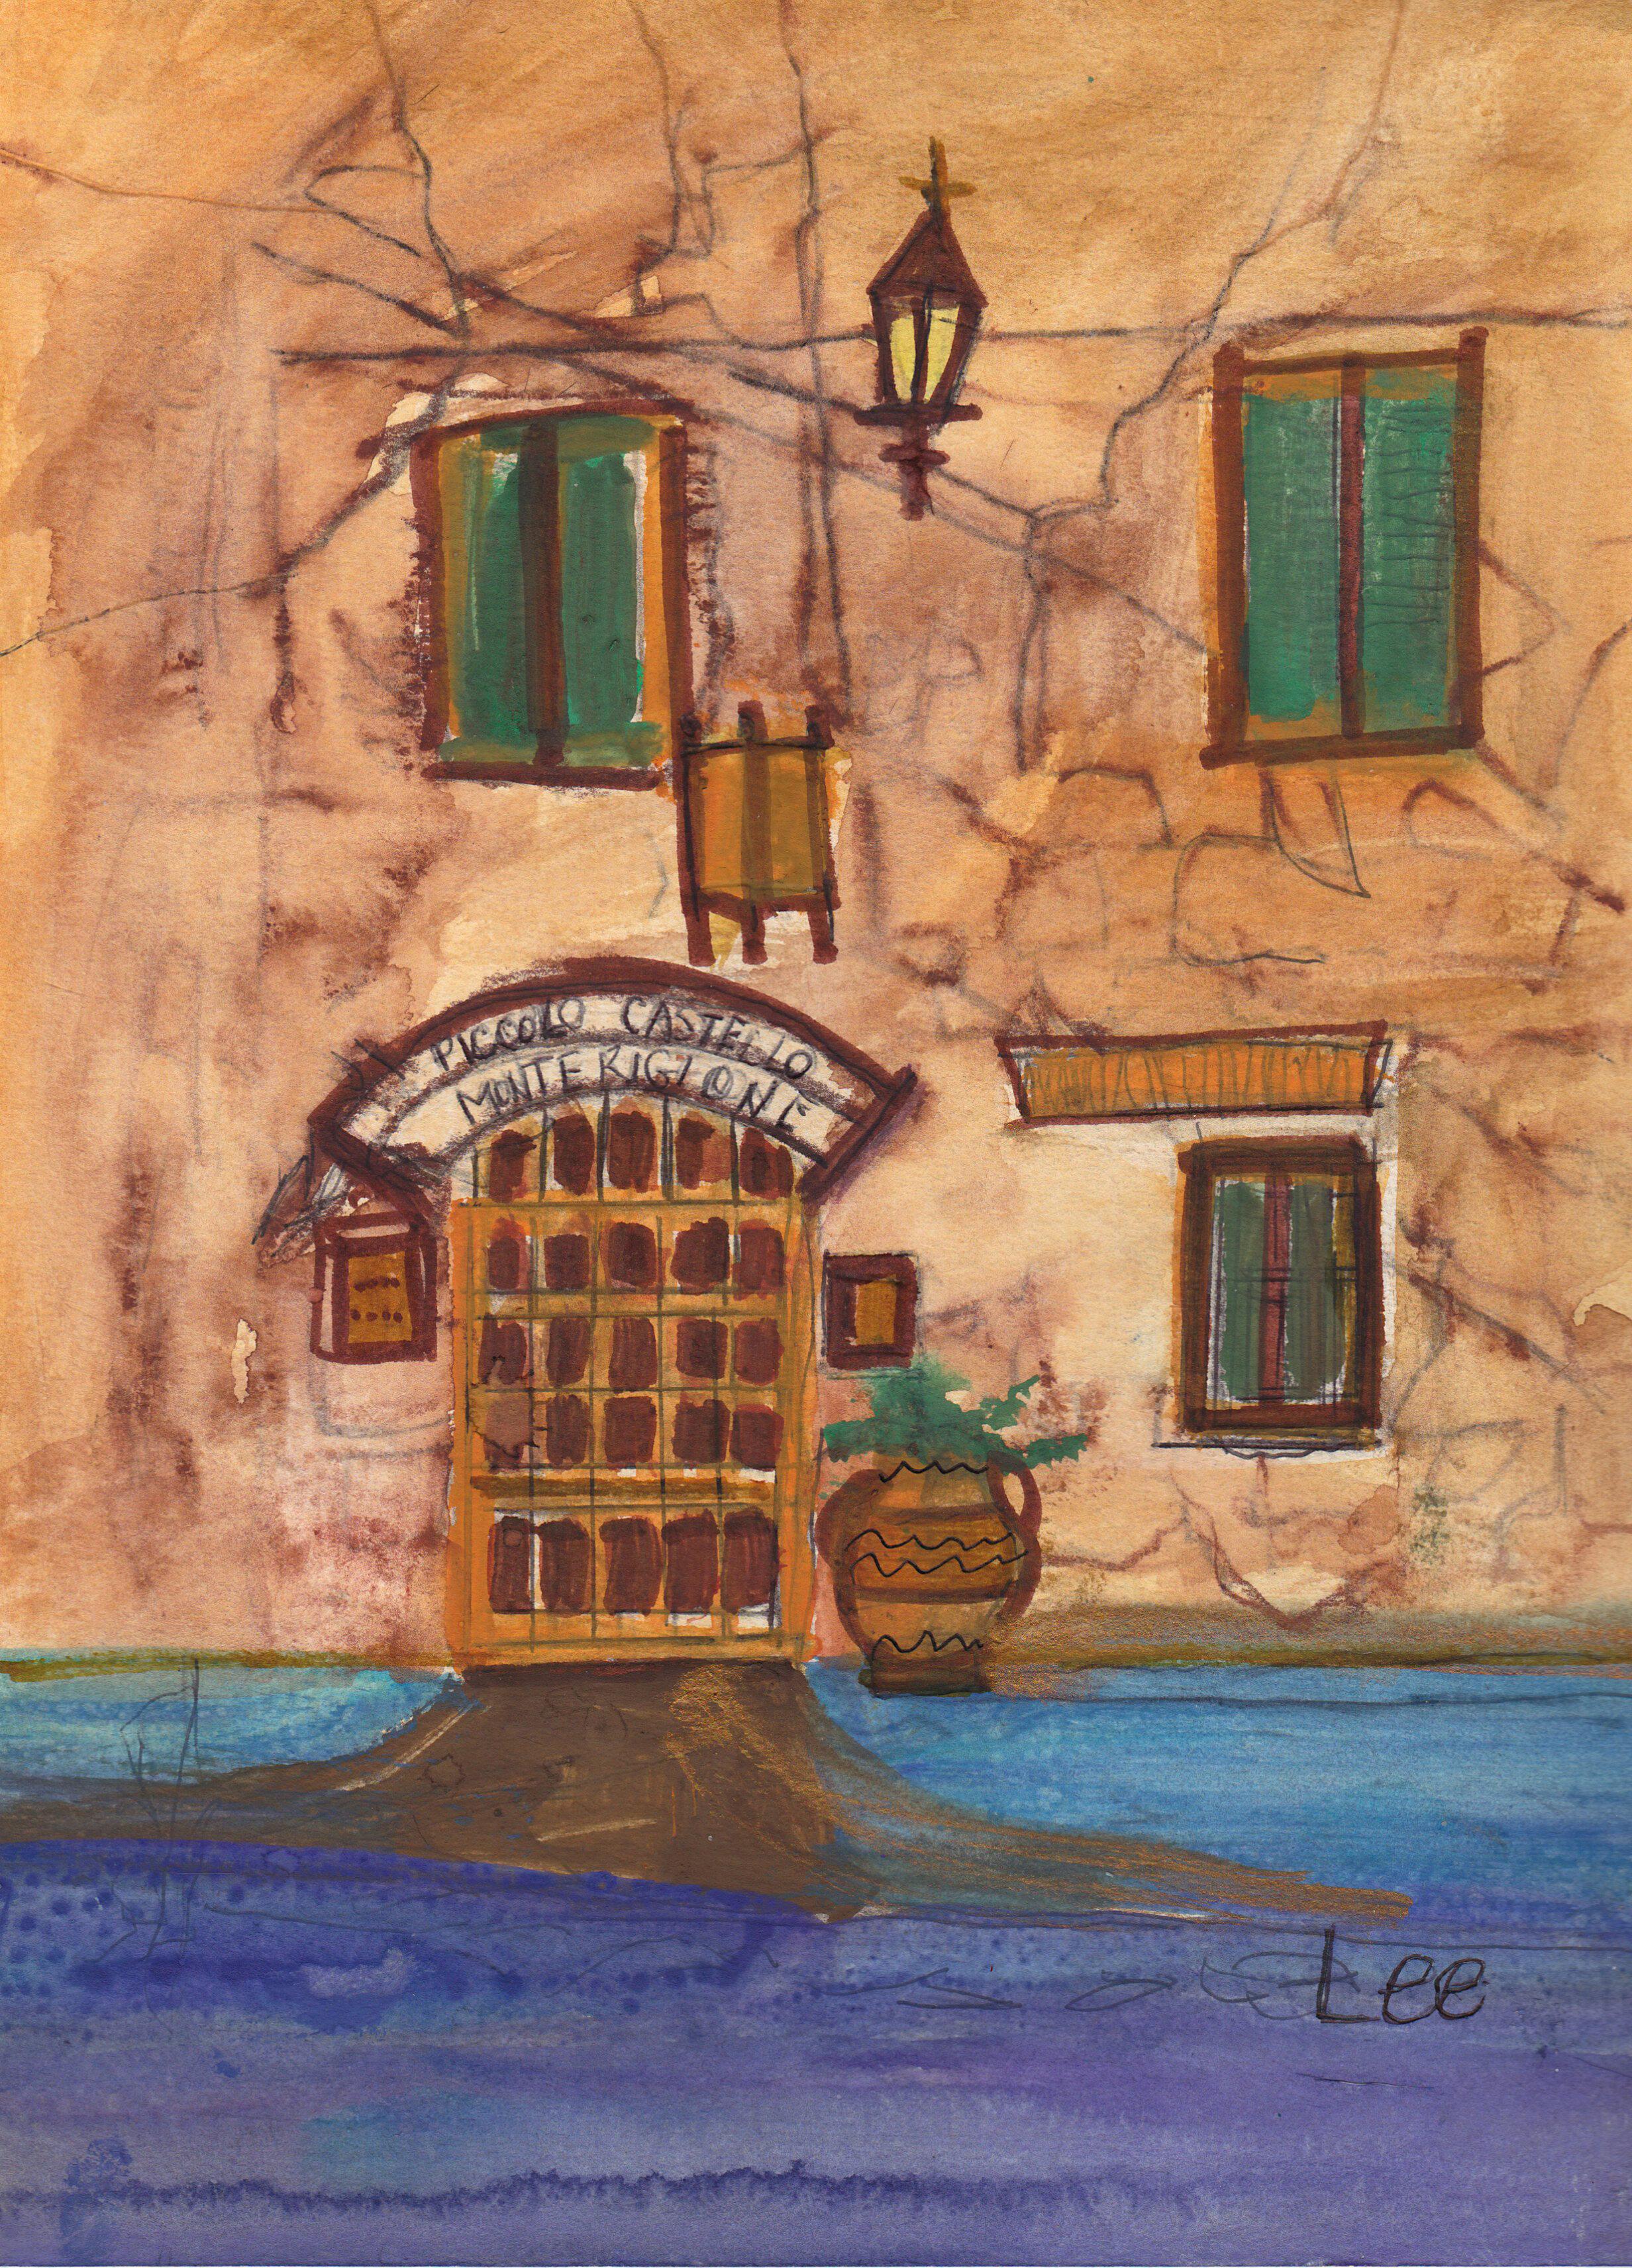 Piccolo+Castello+street+scene.jpg